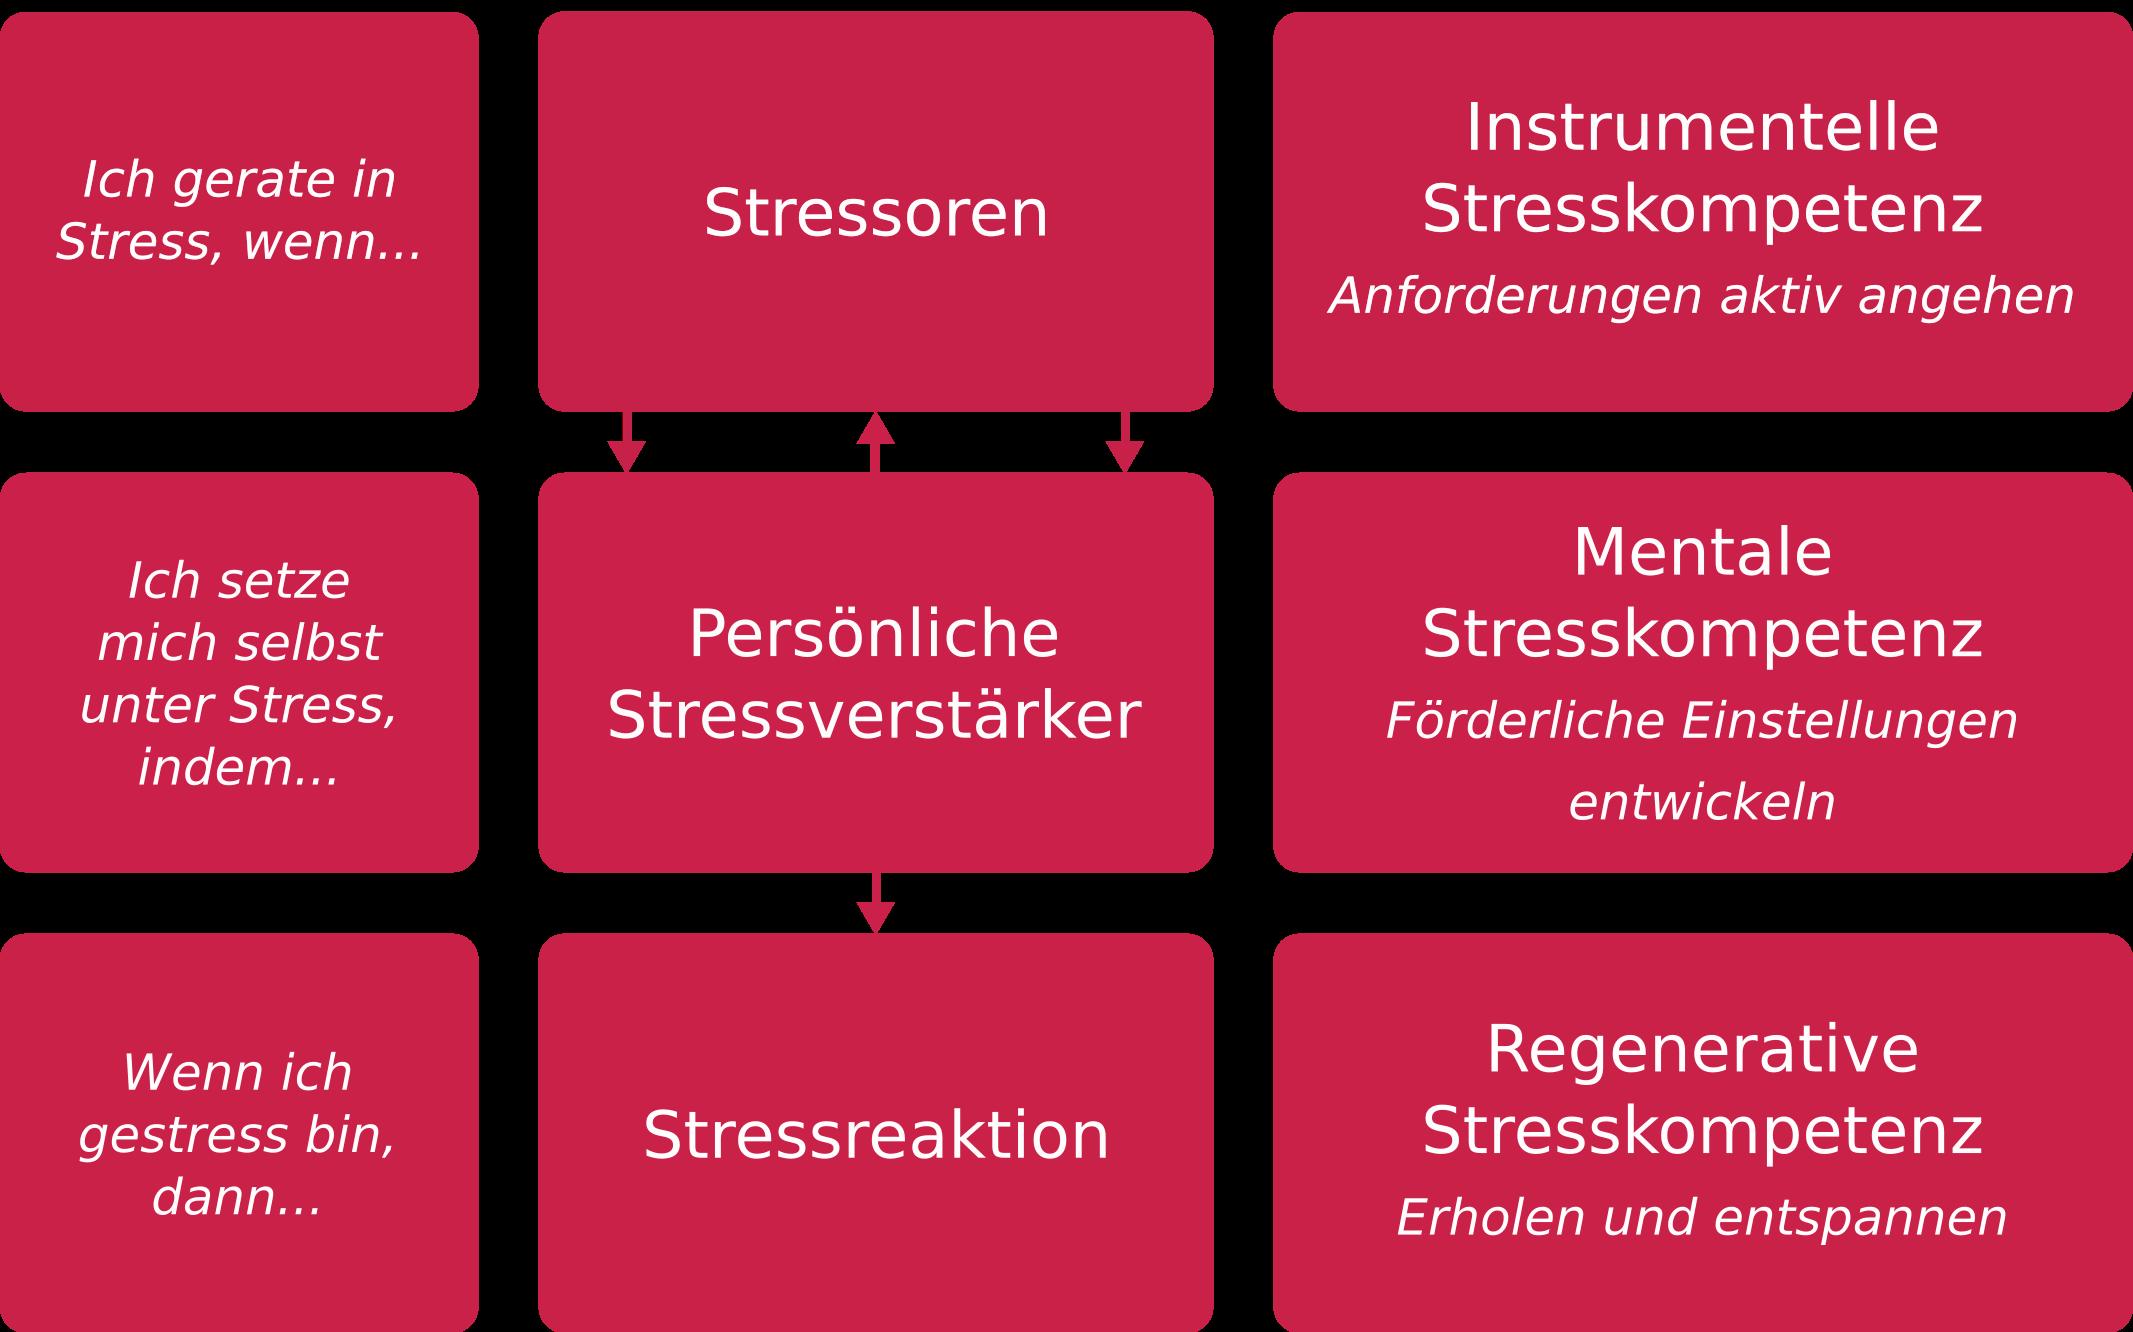 Stressbewältigung: Stressfrei mit dem 3 Säulen Modell (+Tipps und PDF Vorlage)